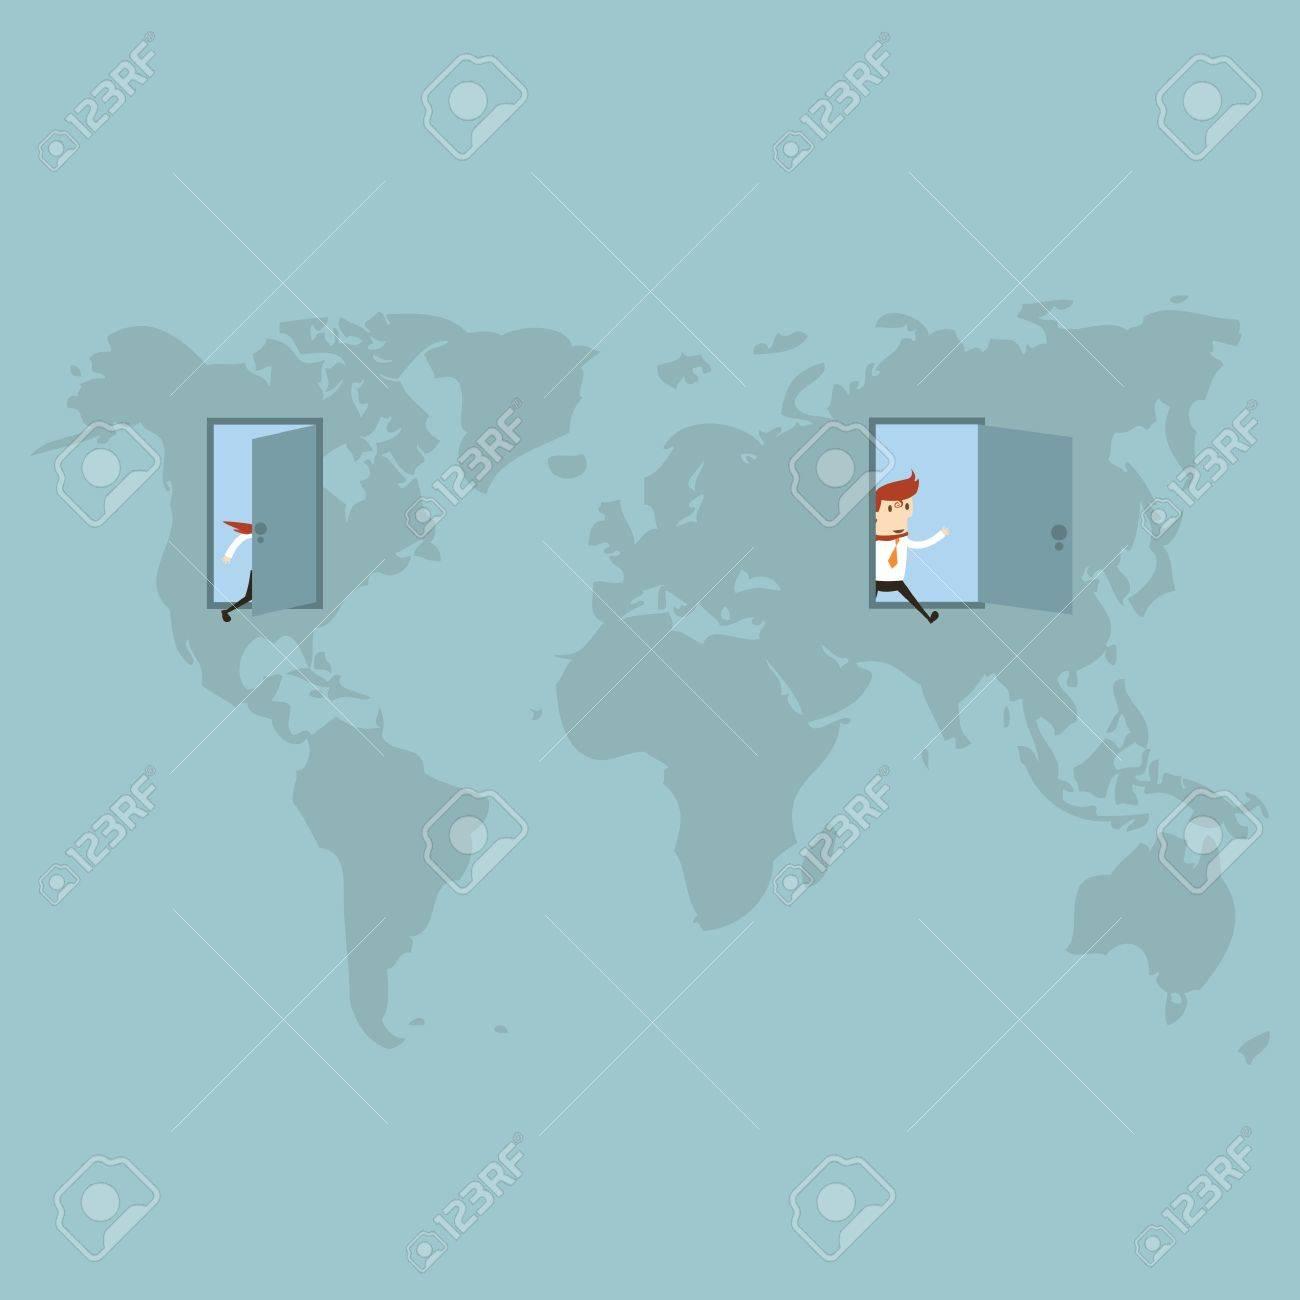 Open the door to the world Stock Vector - 20958266